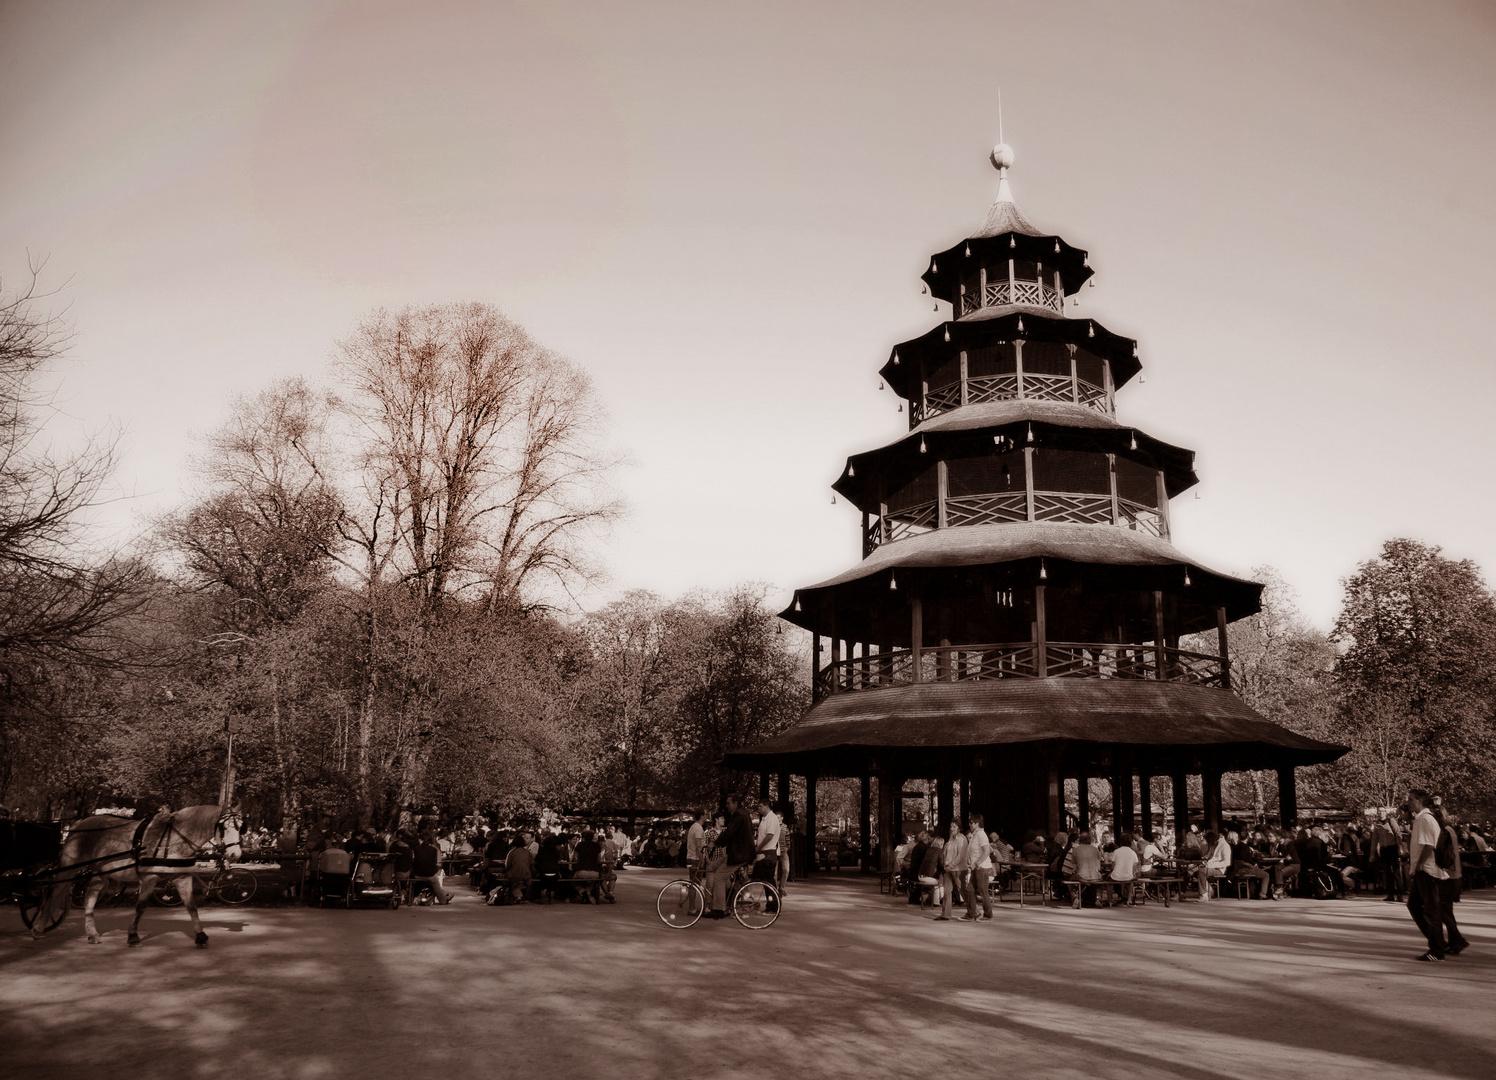 Chinesischer Turm in München